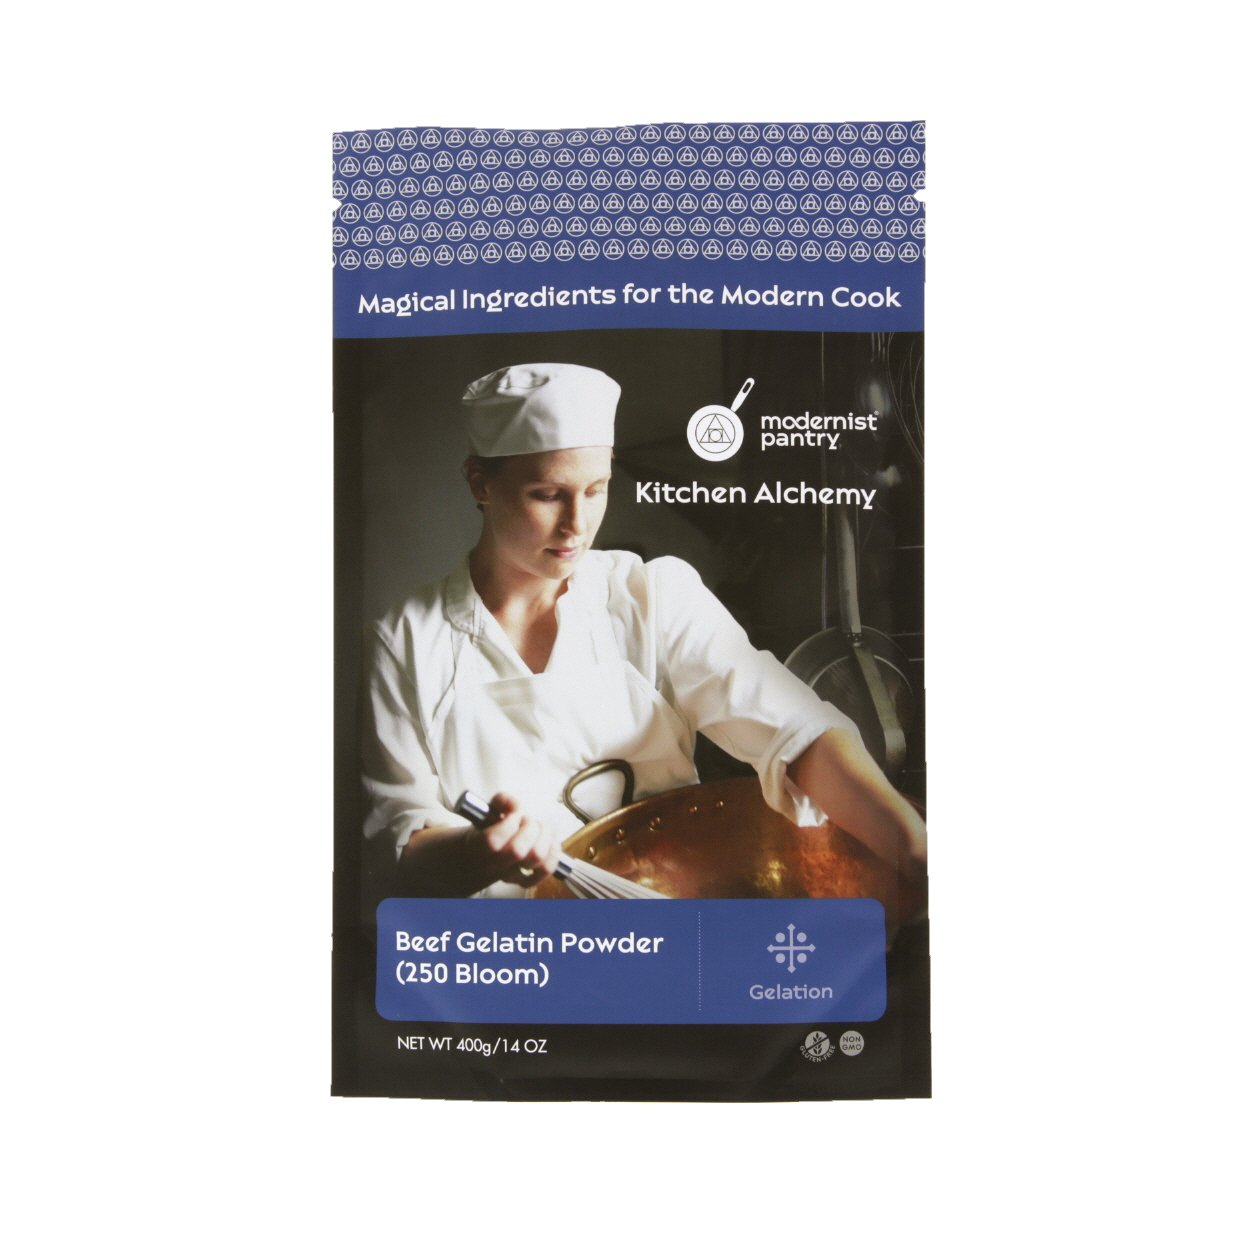 Pure Beef Gelatin Powder (250 Bloom) ⊘ Non-GMO ❤ Gluten-Free - 400g/14oz